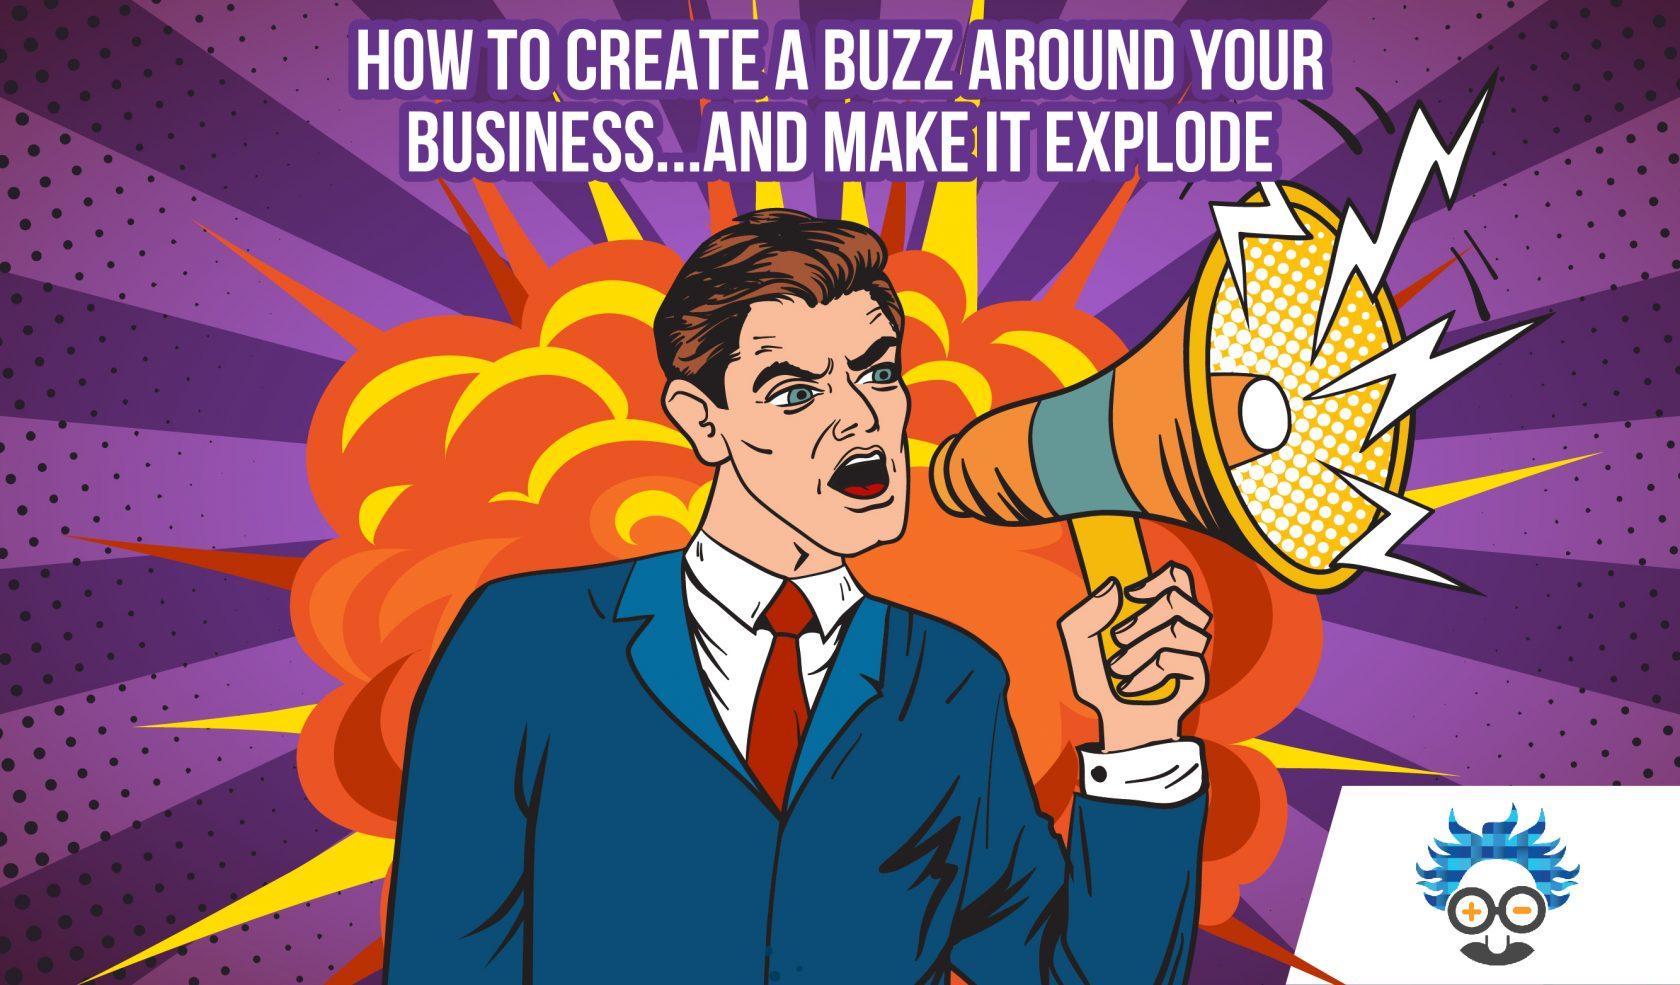 authority position added bonuses marketing buzz